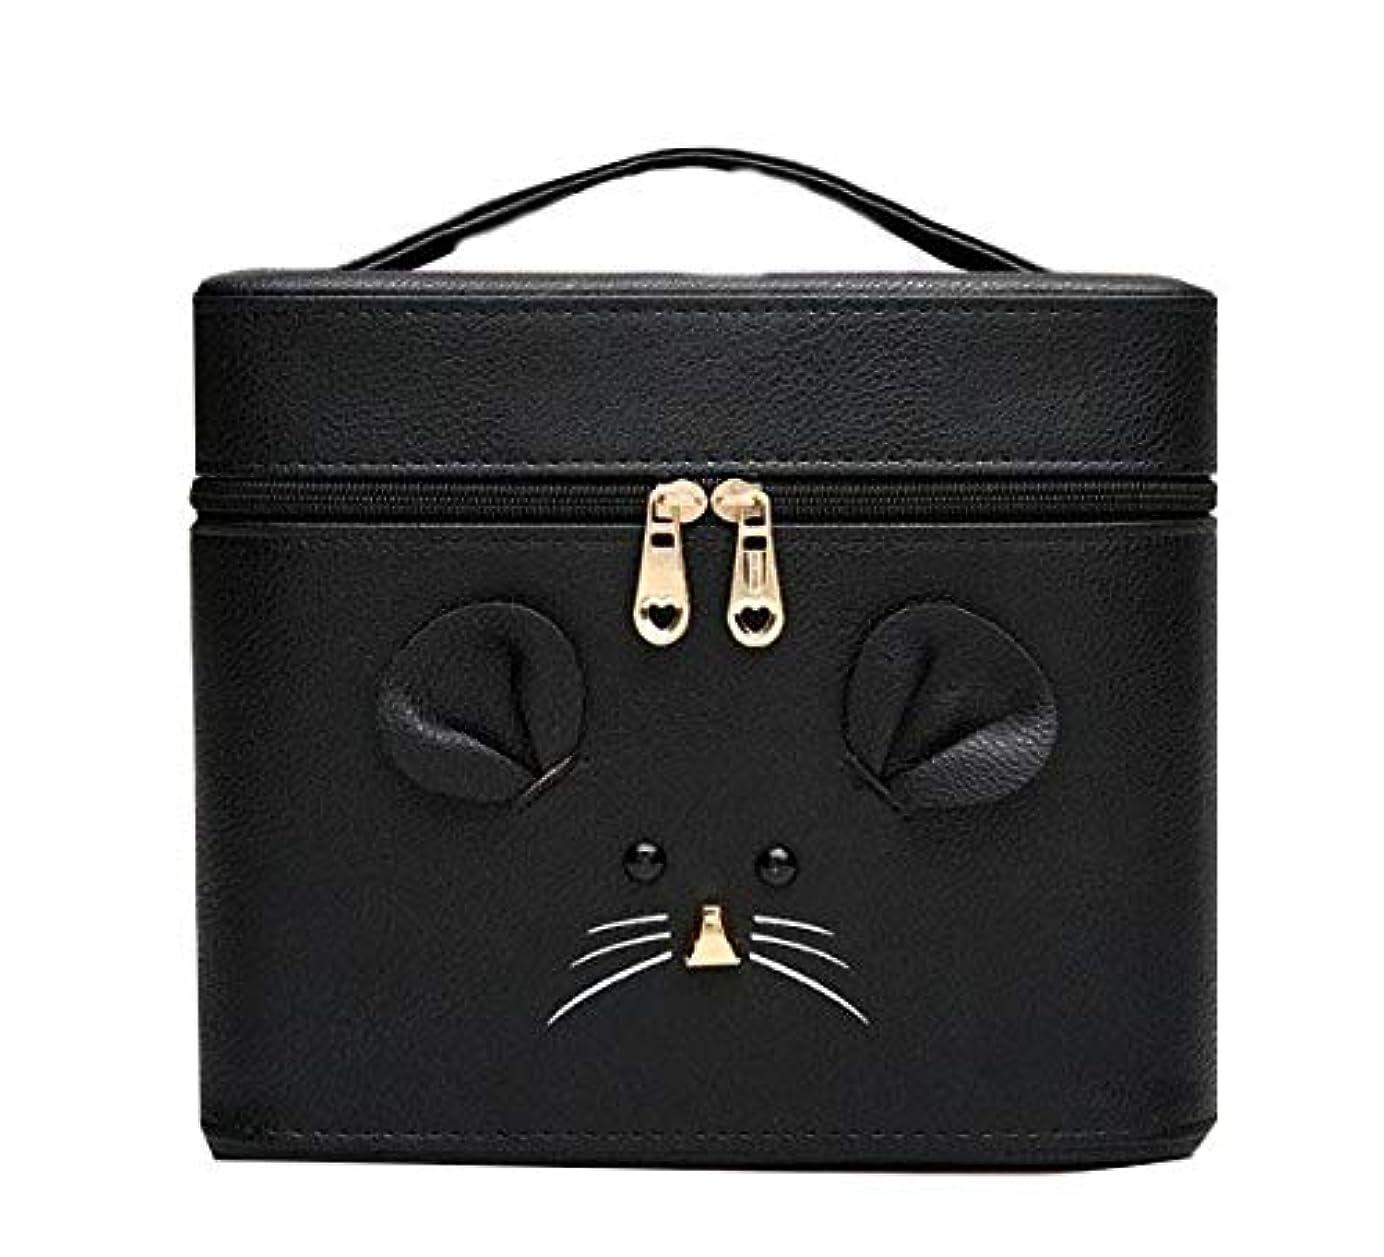 蓋いま早める化粧箱、黒漫画のマウス化粧ケース、ポータブル旅行化粧品ケース、美容ネイルジュエリー収納ボックス (Size : S)